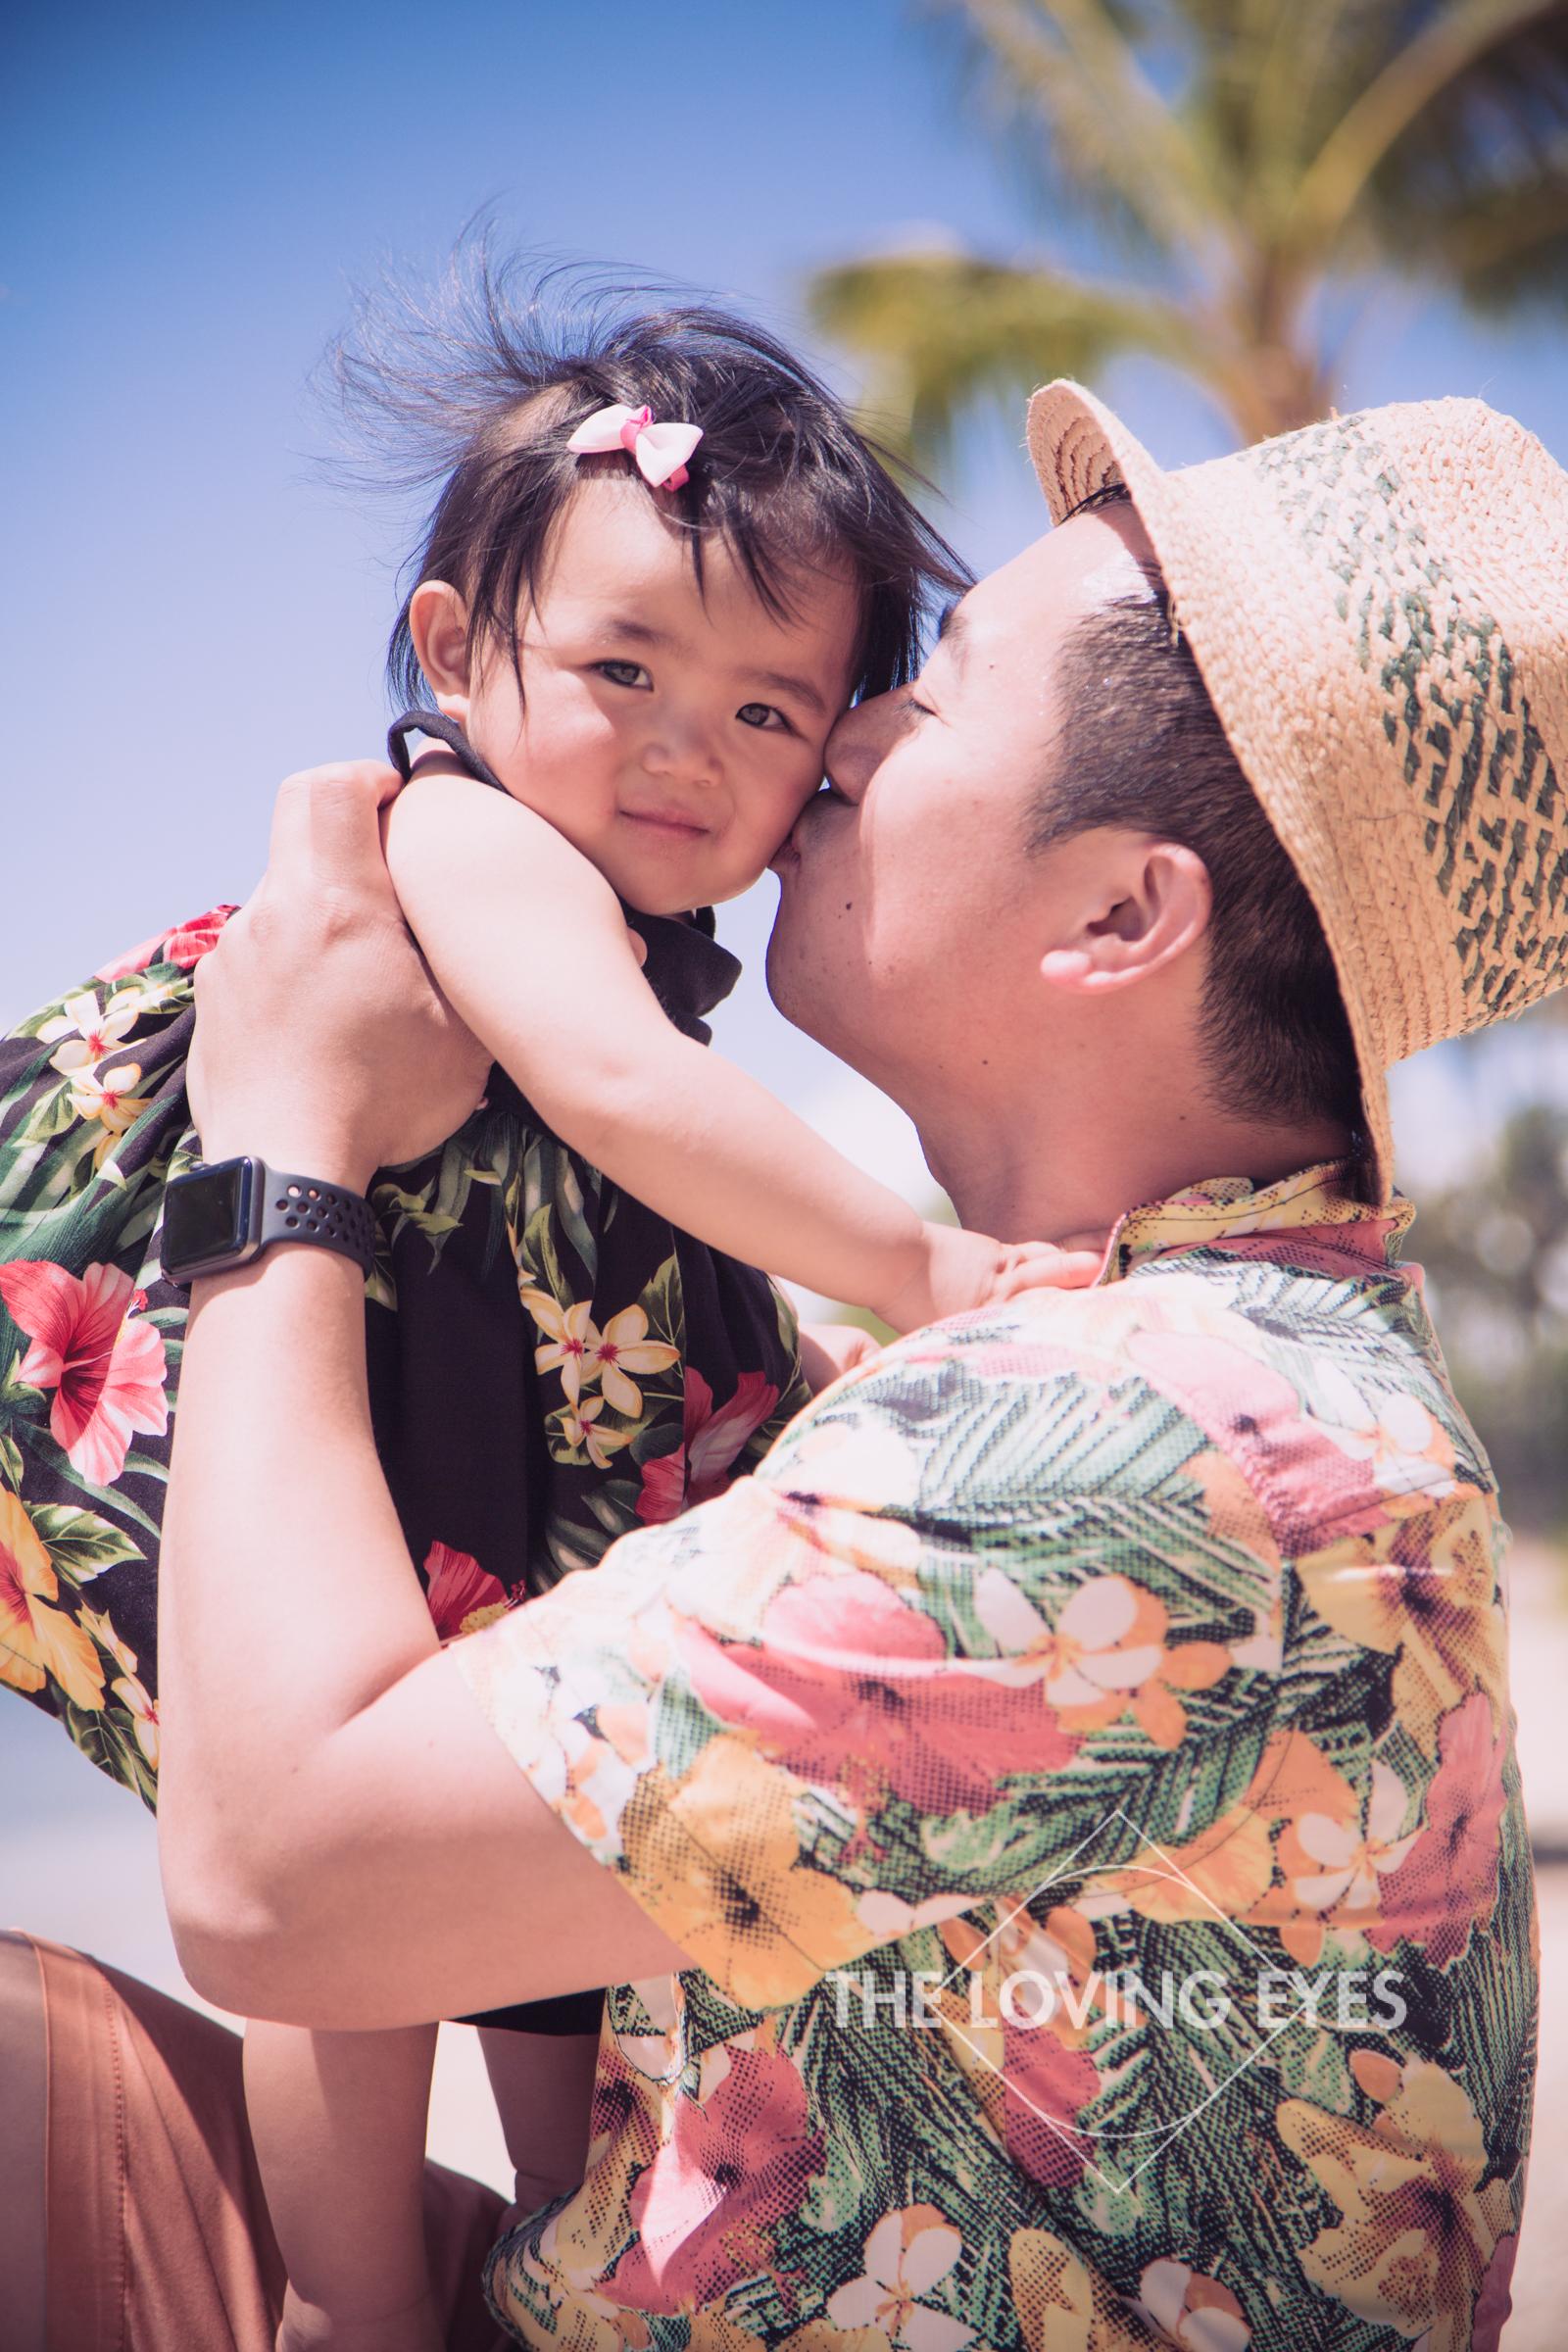 Hawaii family vacation photo-6.jpg